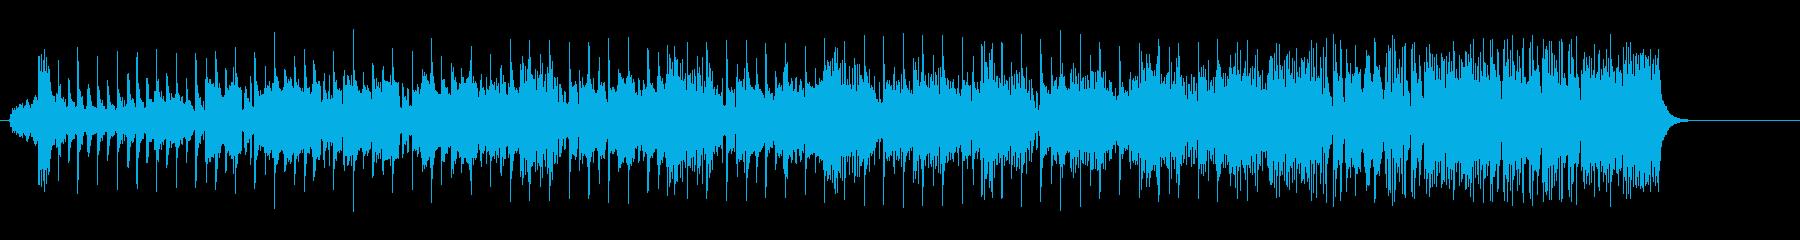 打撃系サウンドのエレクトリック・ポップスの再生済みの波形